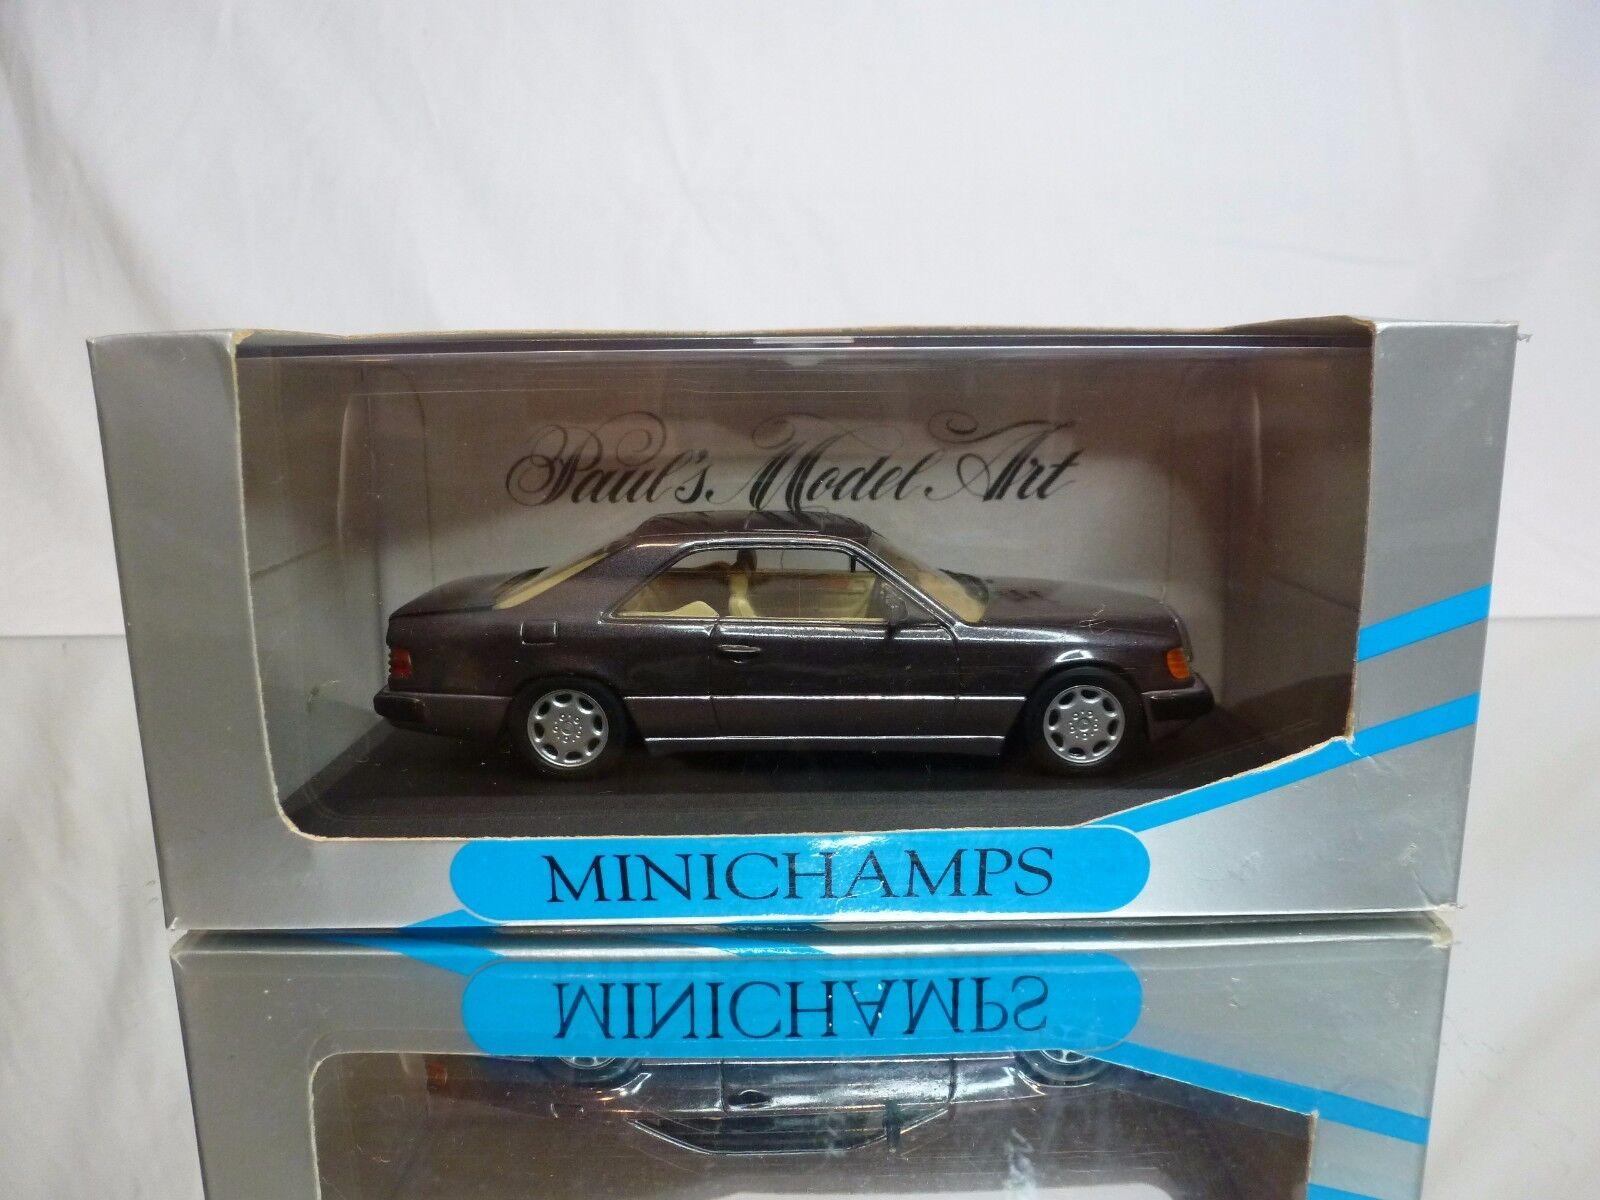 MINICHAMPS 3414 MERCEDES BENZ 300 CE 24 COUPE - BORNITE 1 43 - GOOD IN BOX